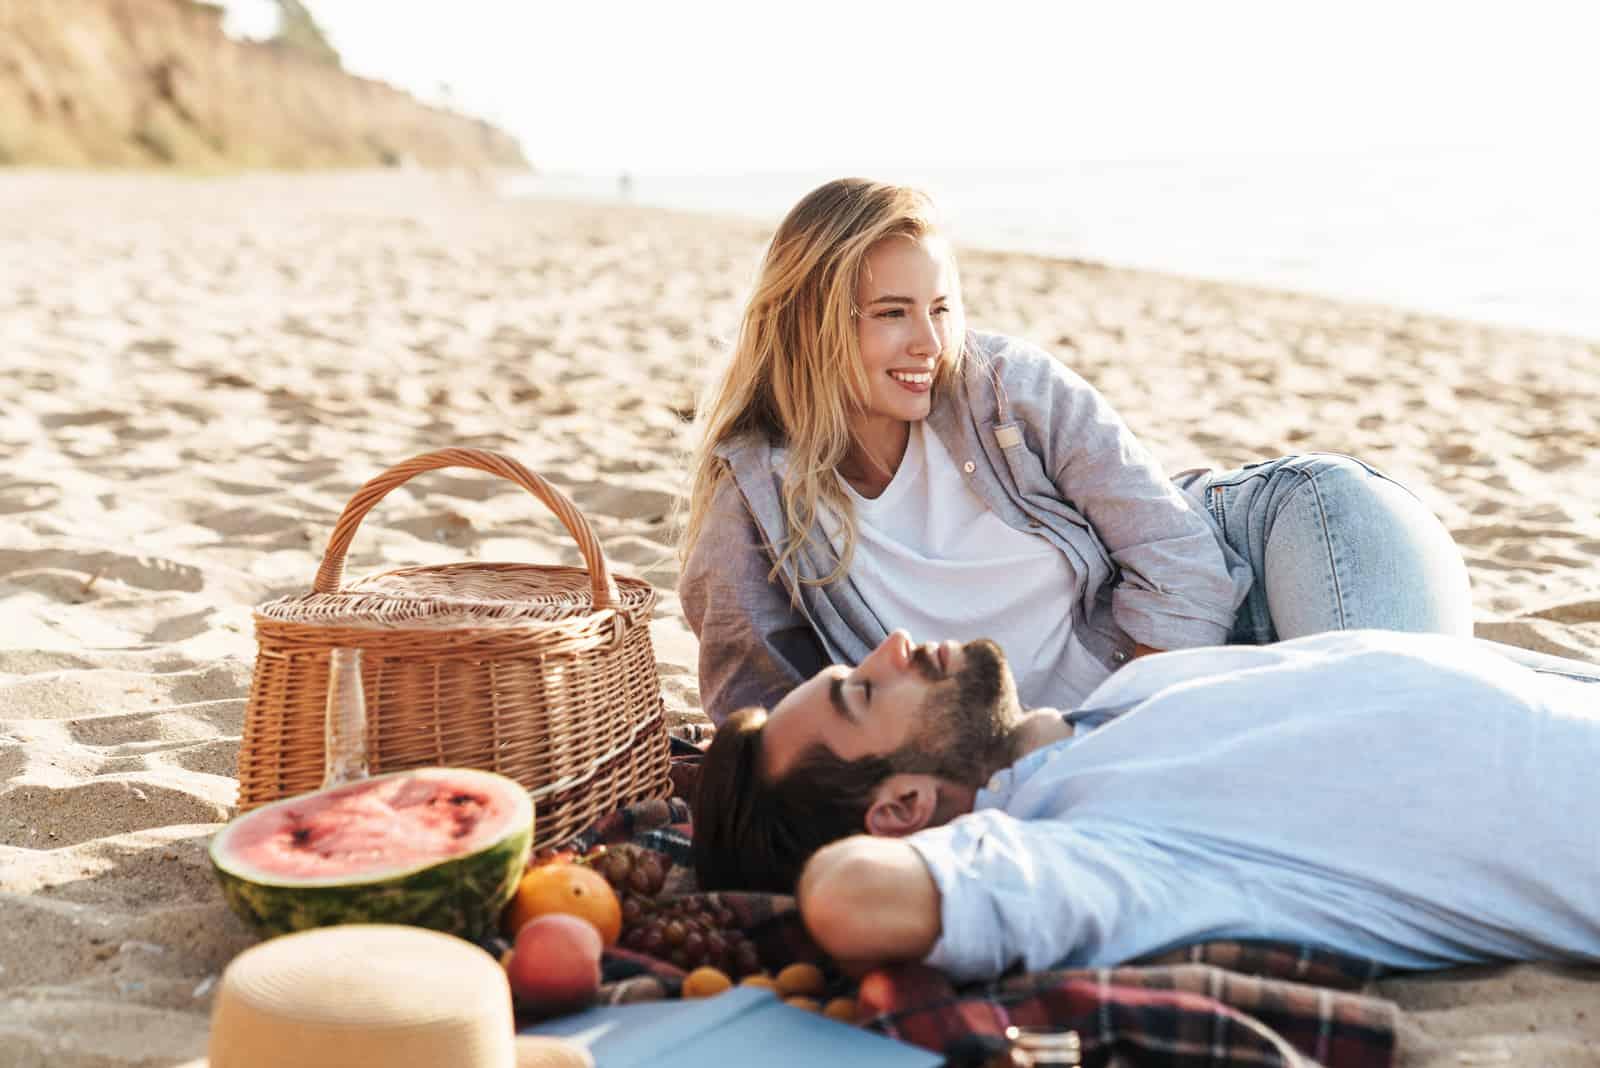 ein Mann und eine Frau unterhalten sich am Strand